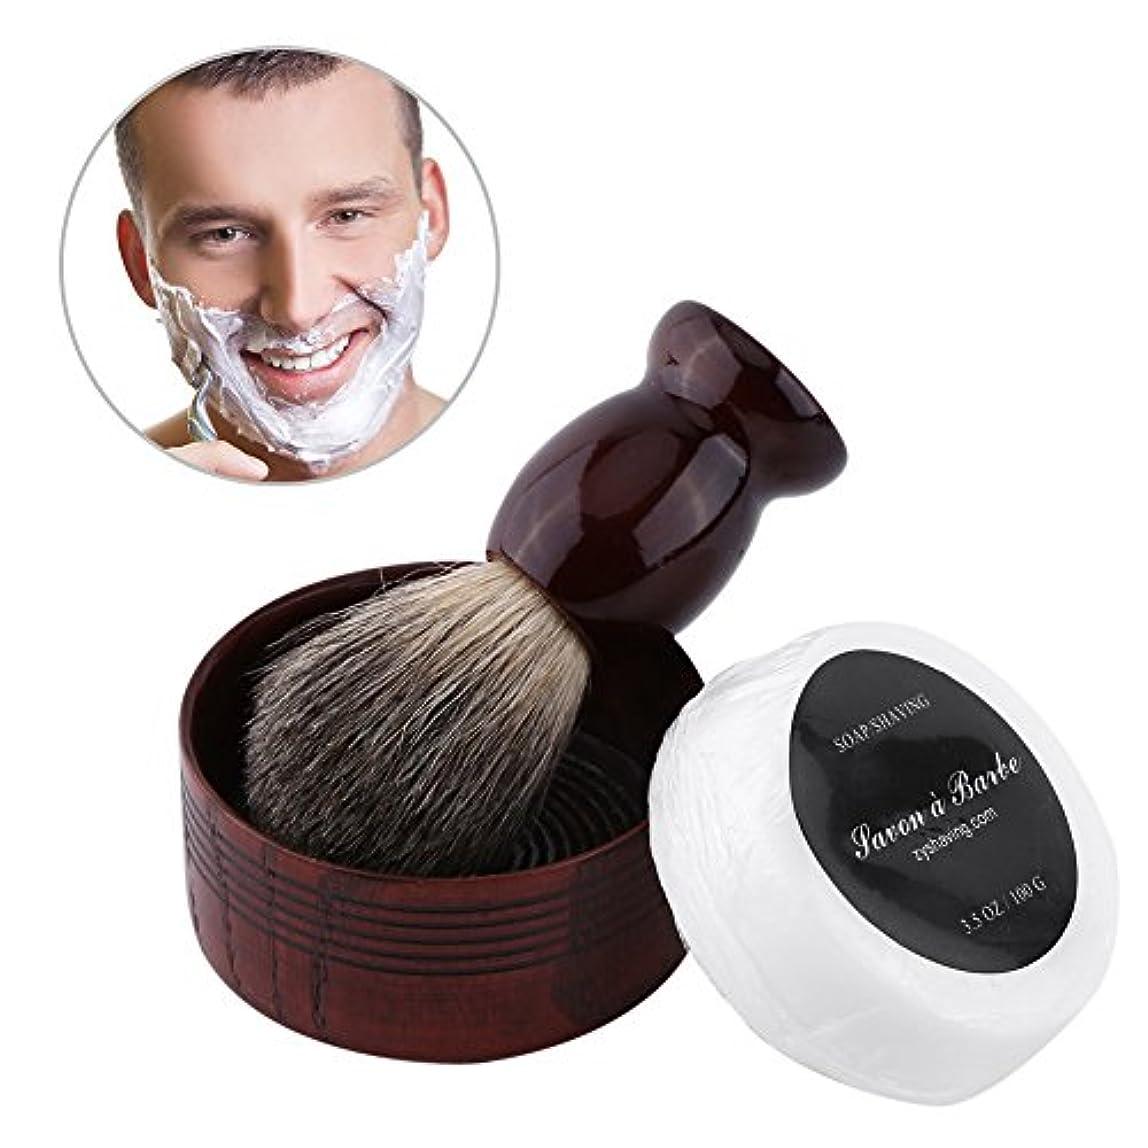 コマース汚れた最小化するひげブラシ、メンズシェービングブラシ 泡立ち ひげブラシ 理容 洗顔 髭剃り シェービングブラシ +ハンドメイドソープ+シェービングボウル メンズ ポータブルひげ剃り美容ツール